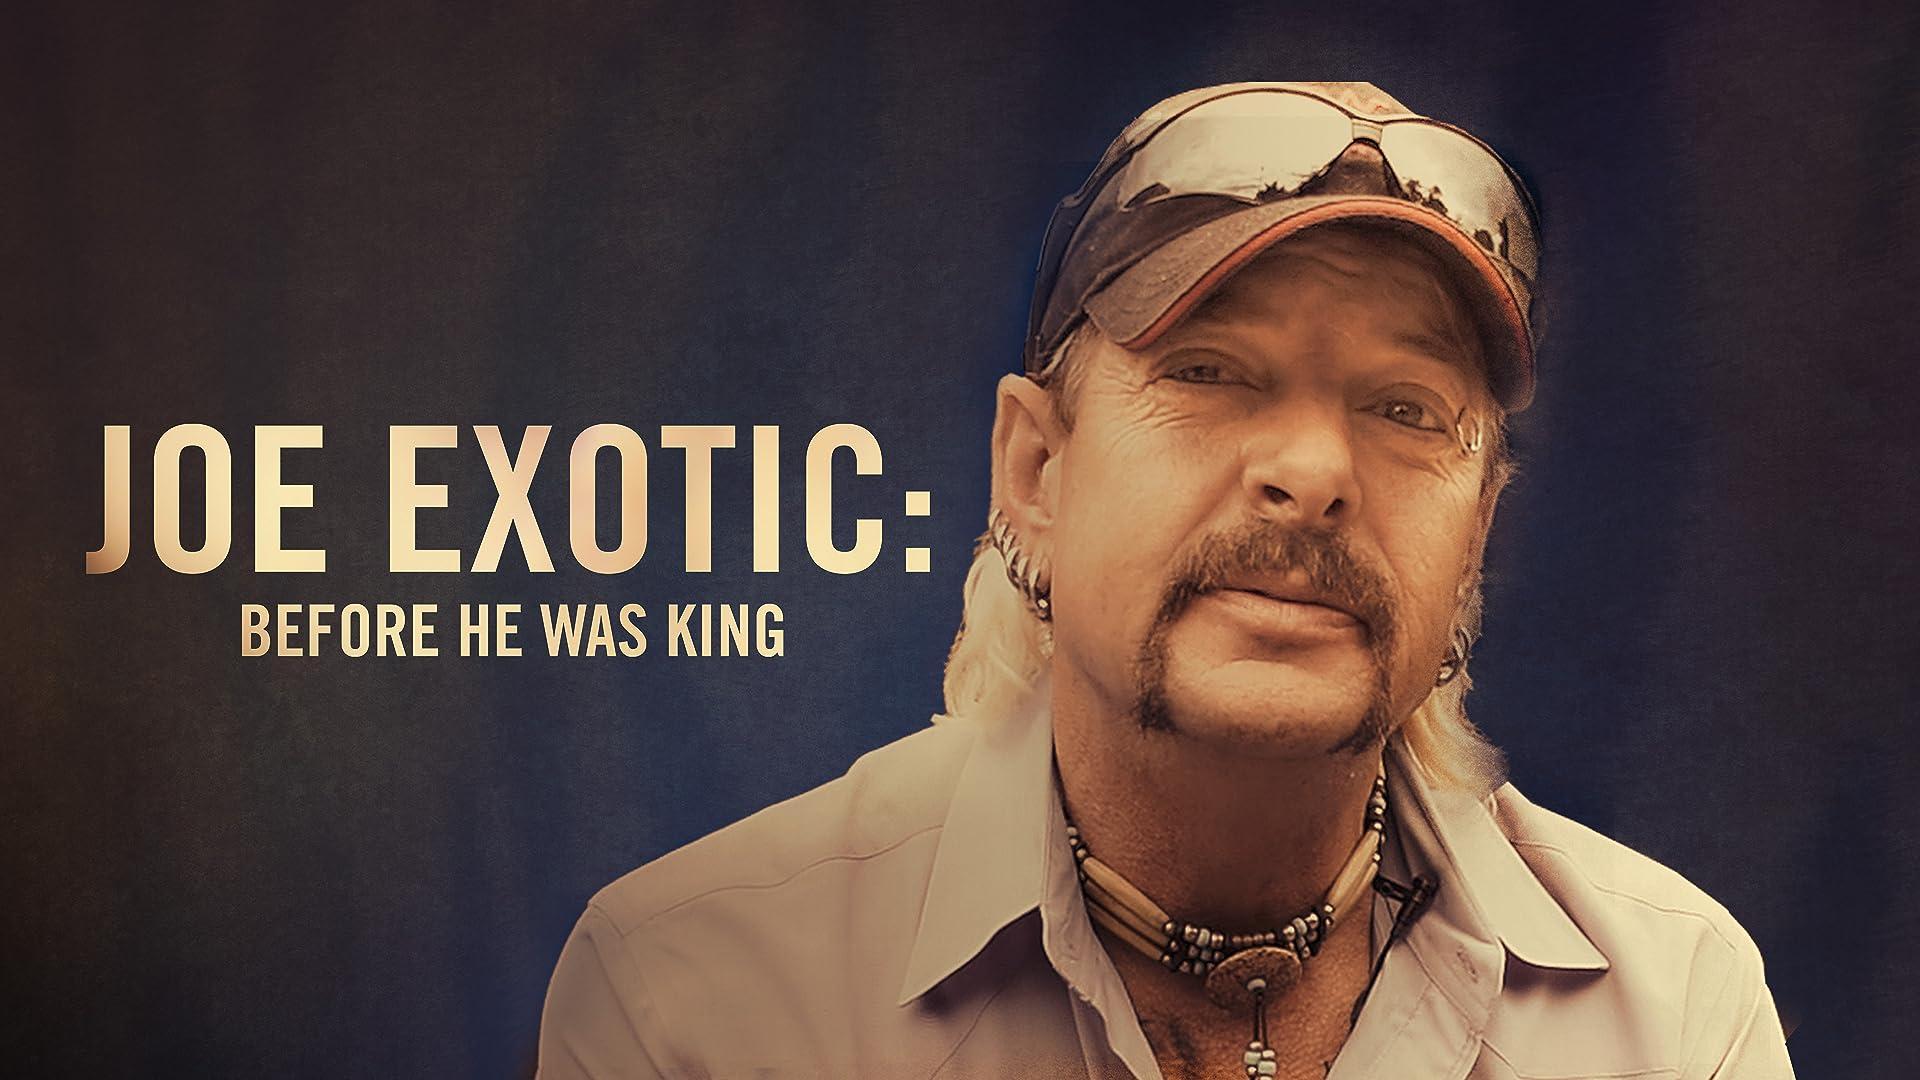 Joe Exotic: Before He Was King - Season 1